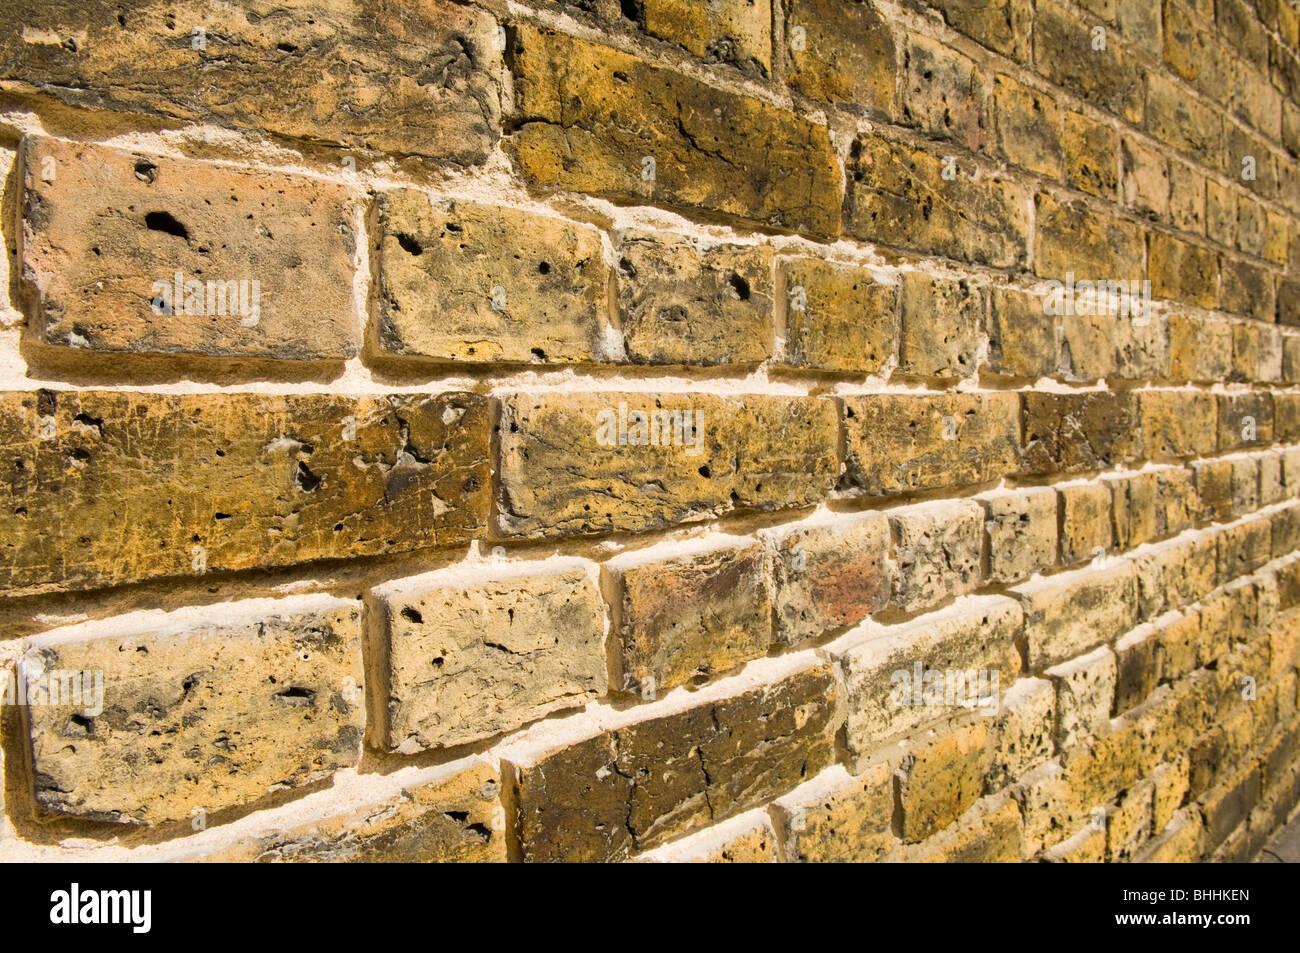 Lime Sand Brick Wall Stockfotos und bilder Kaufen Alamy